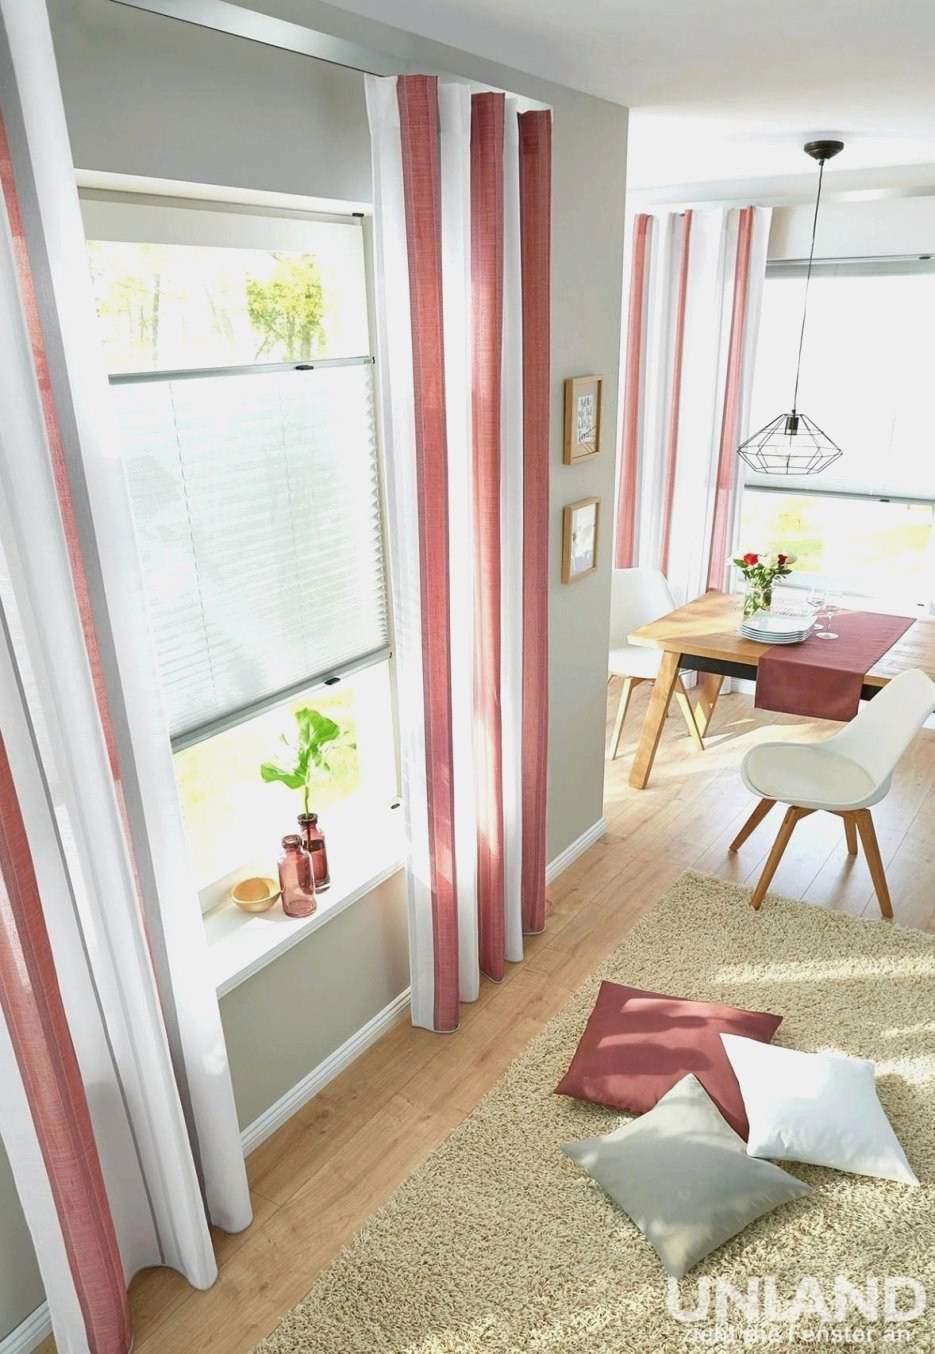 Full Size of Bogen Gardinen Wohnzimmer Elegant Genial Für Küche Scheibengardinen Bogenlampe Esstisch Schlafzimmer Die Fenster Wohnzimmer Bogen Gardinen